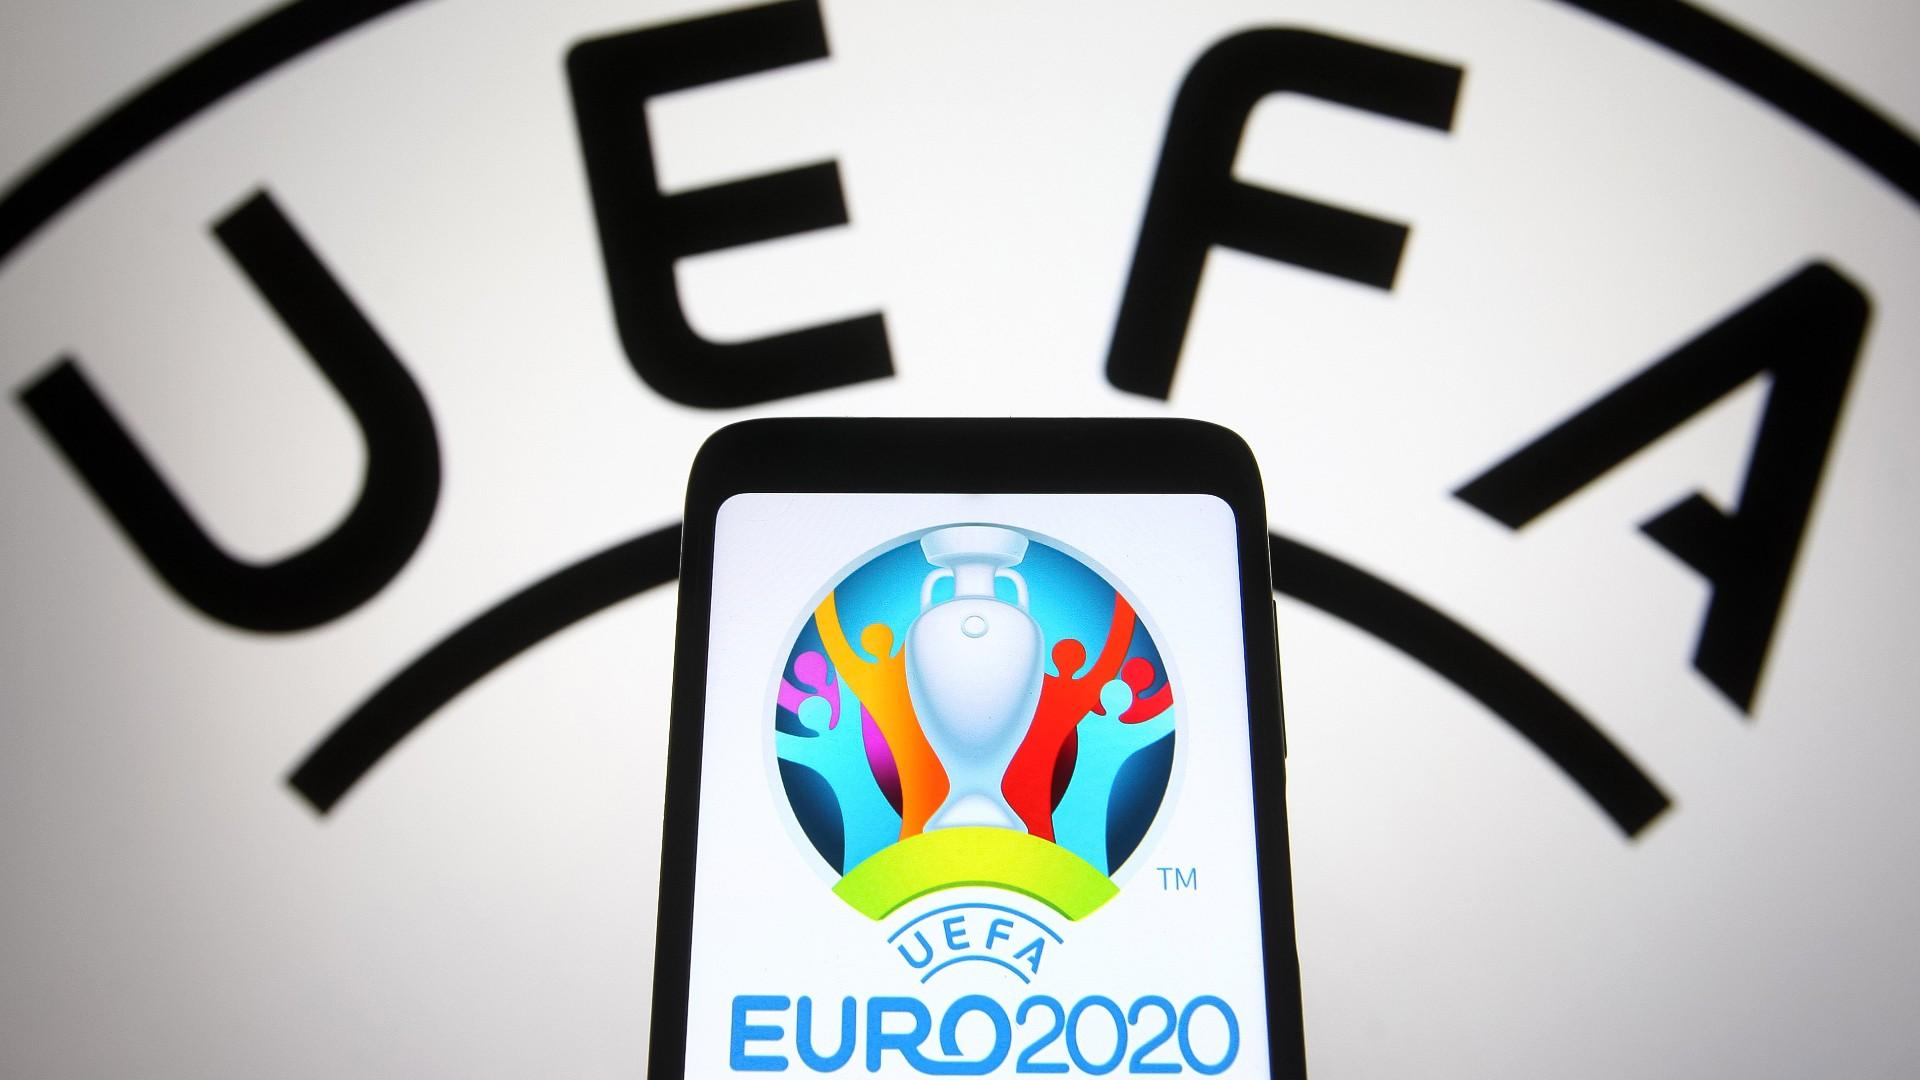 Eguneratu diren 2021 Euro taldearen agertokiak: talde bakoitzak final-zortzirenetara nola egin dezakeen aurrera